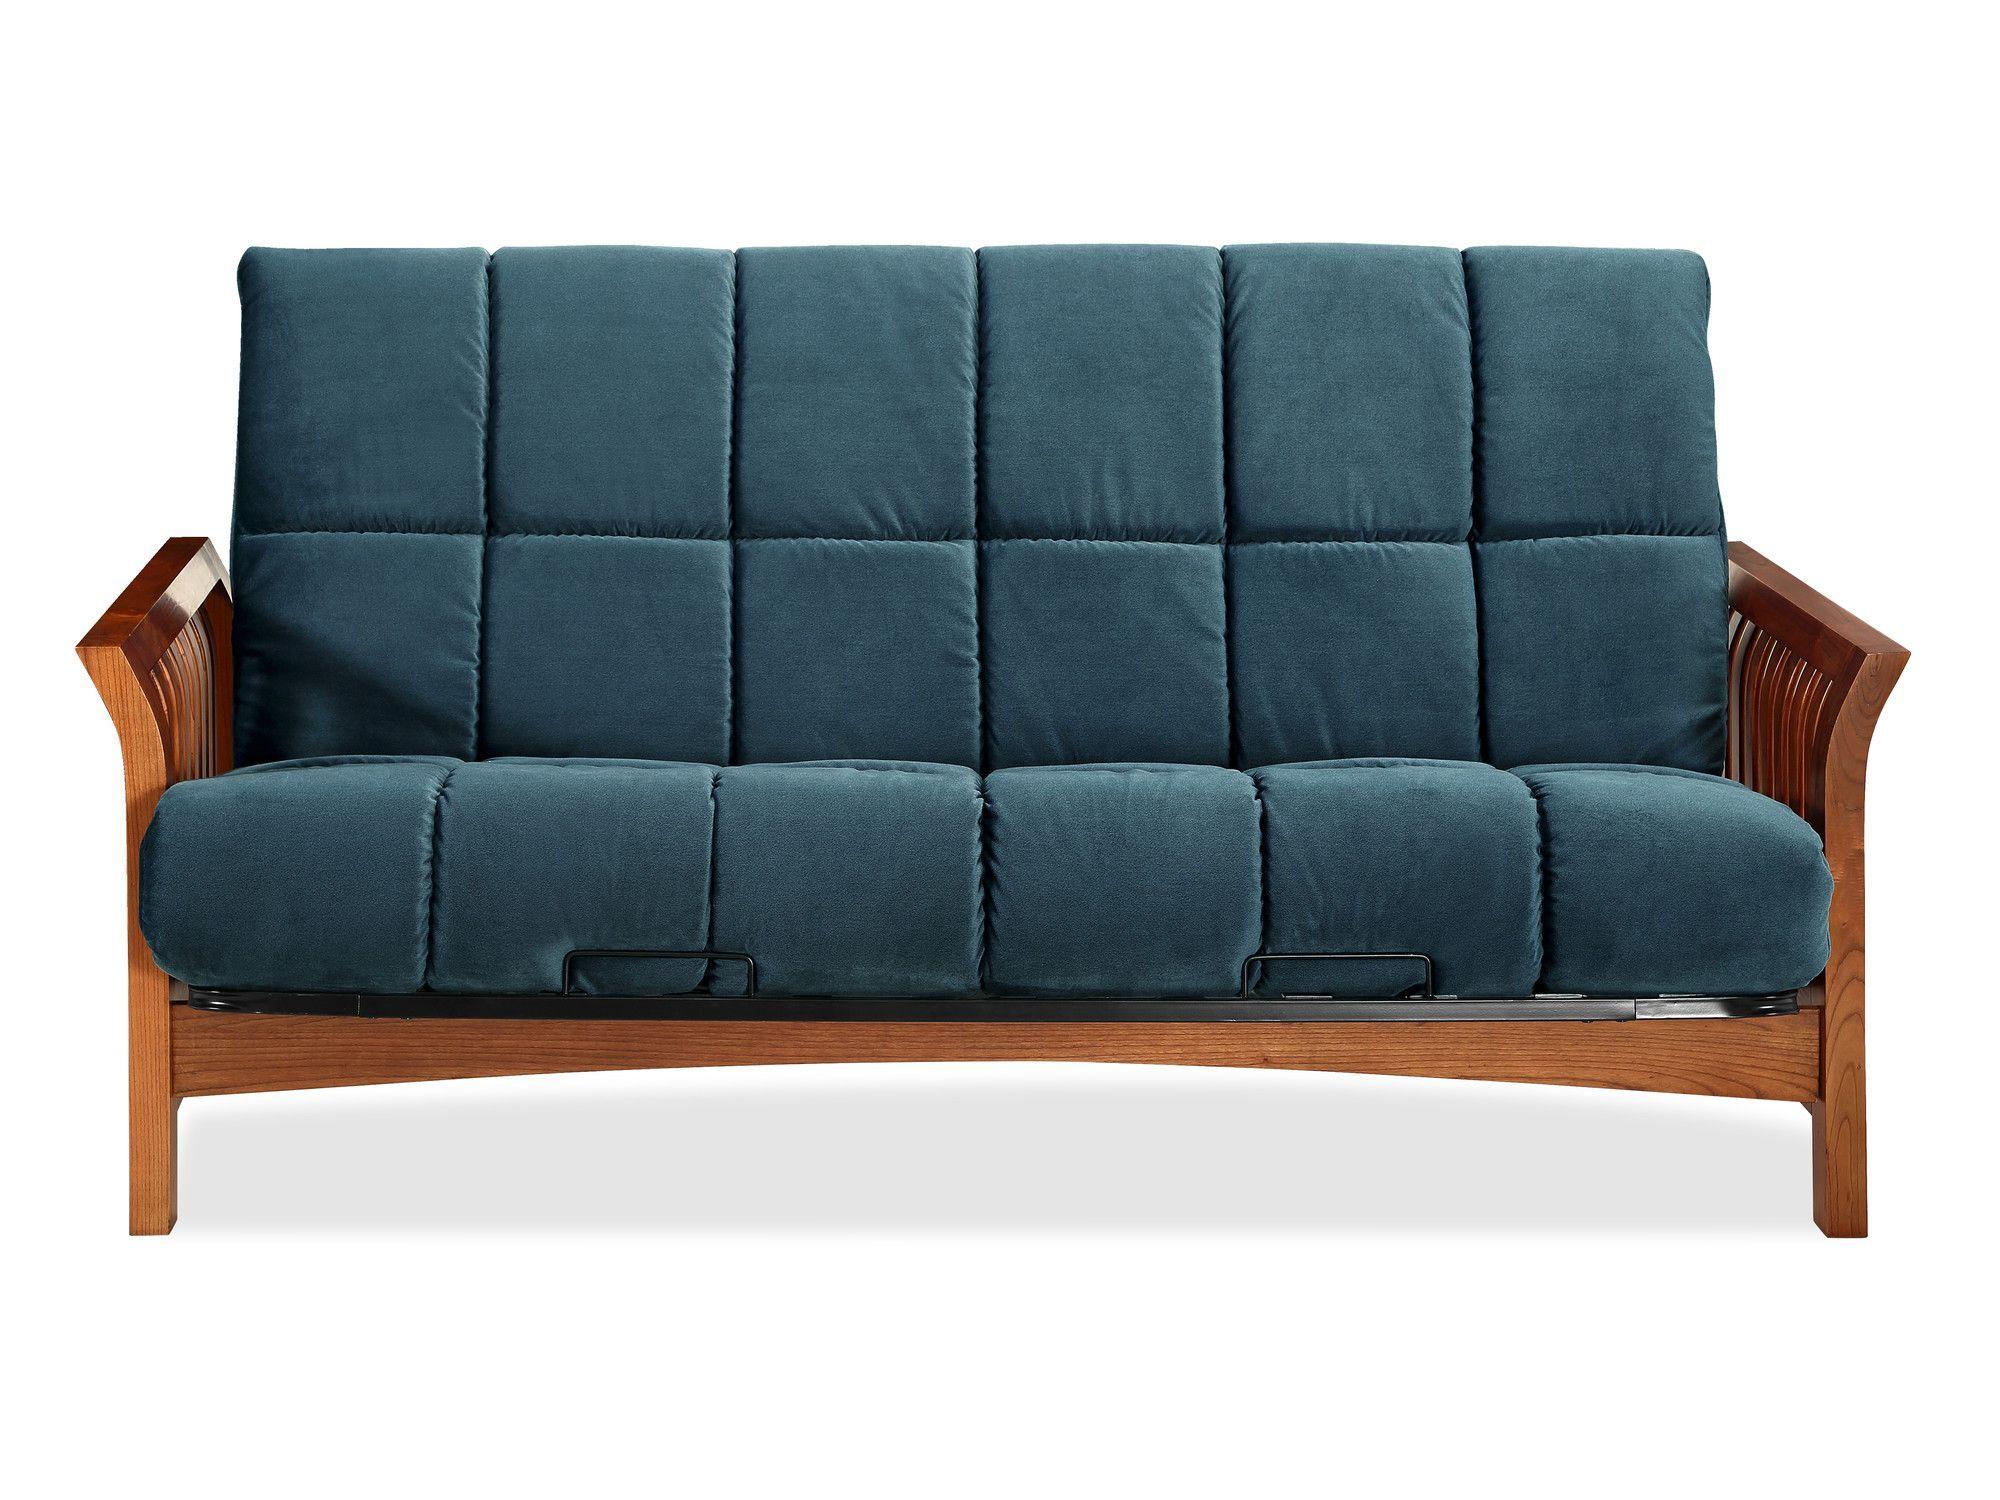 boston futon and mattress boston futon and mattress   products   pinterest   products  rh   pinterest